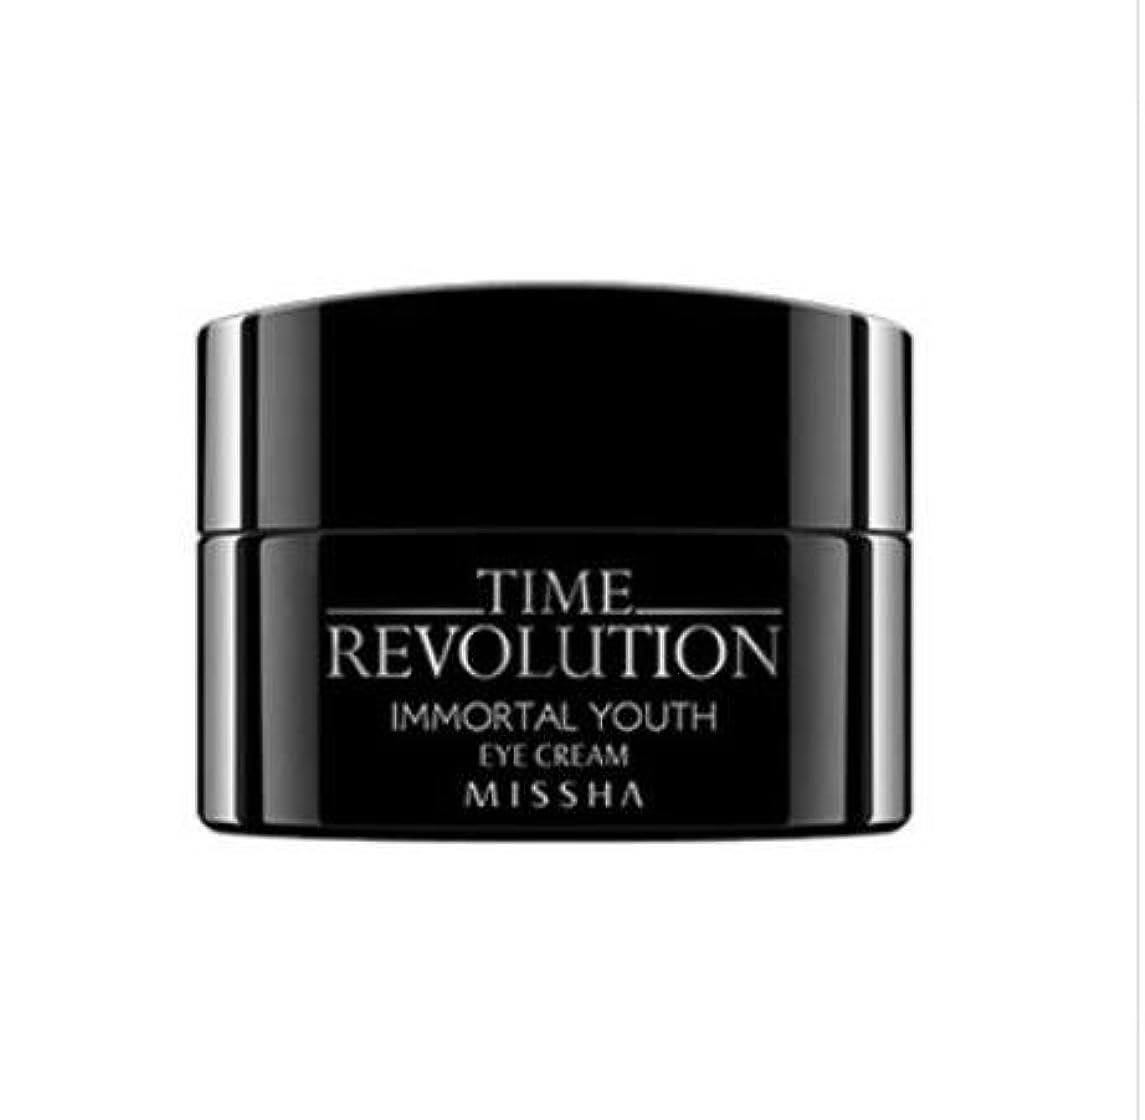 郊外慣れるどこでも[ミシャ] Missha [タイムレボリューション イモタルユース アイクリーム](MISSHA Time Revolution Immortal Youth Eye Cream) [並行輸入品]